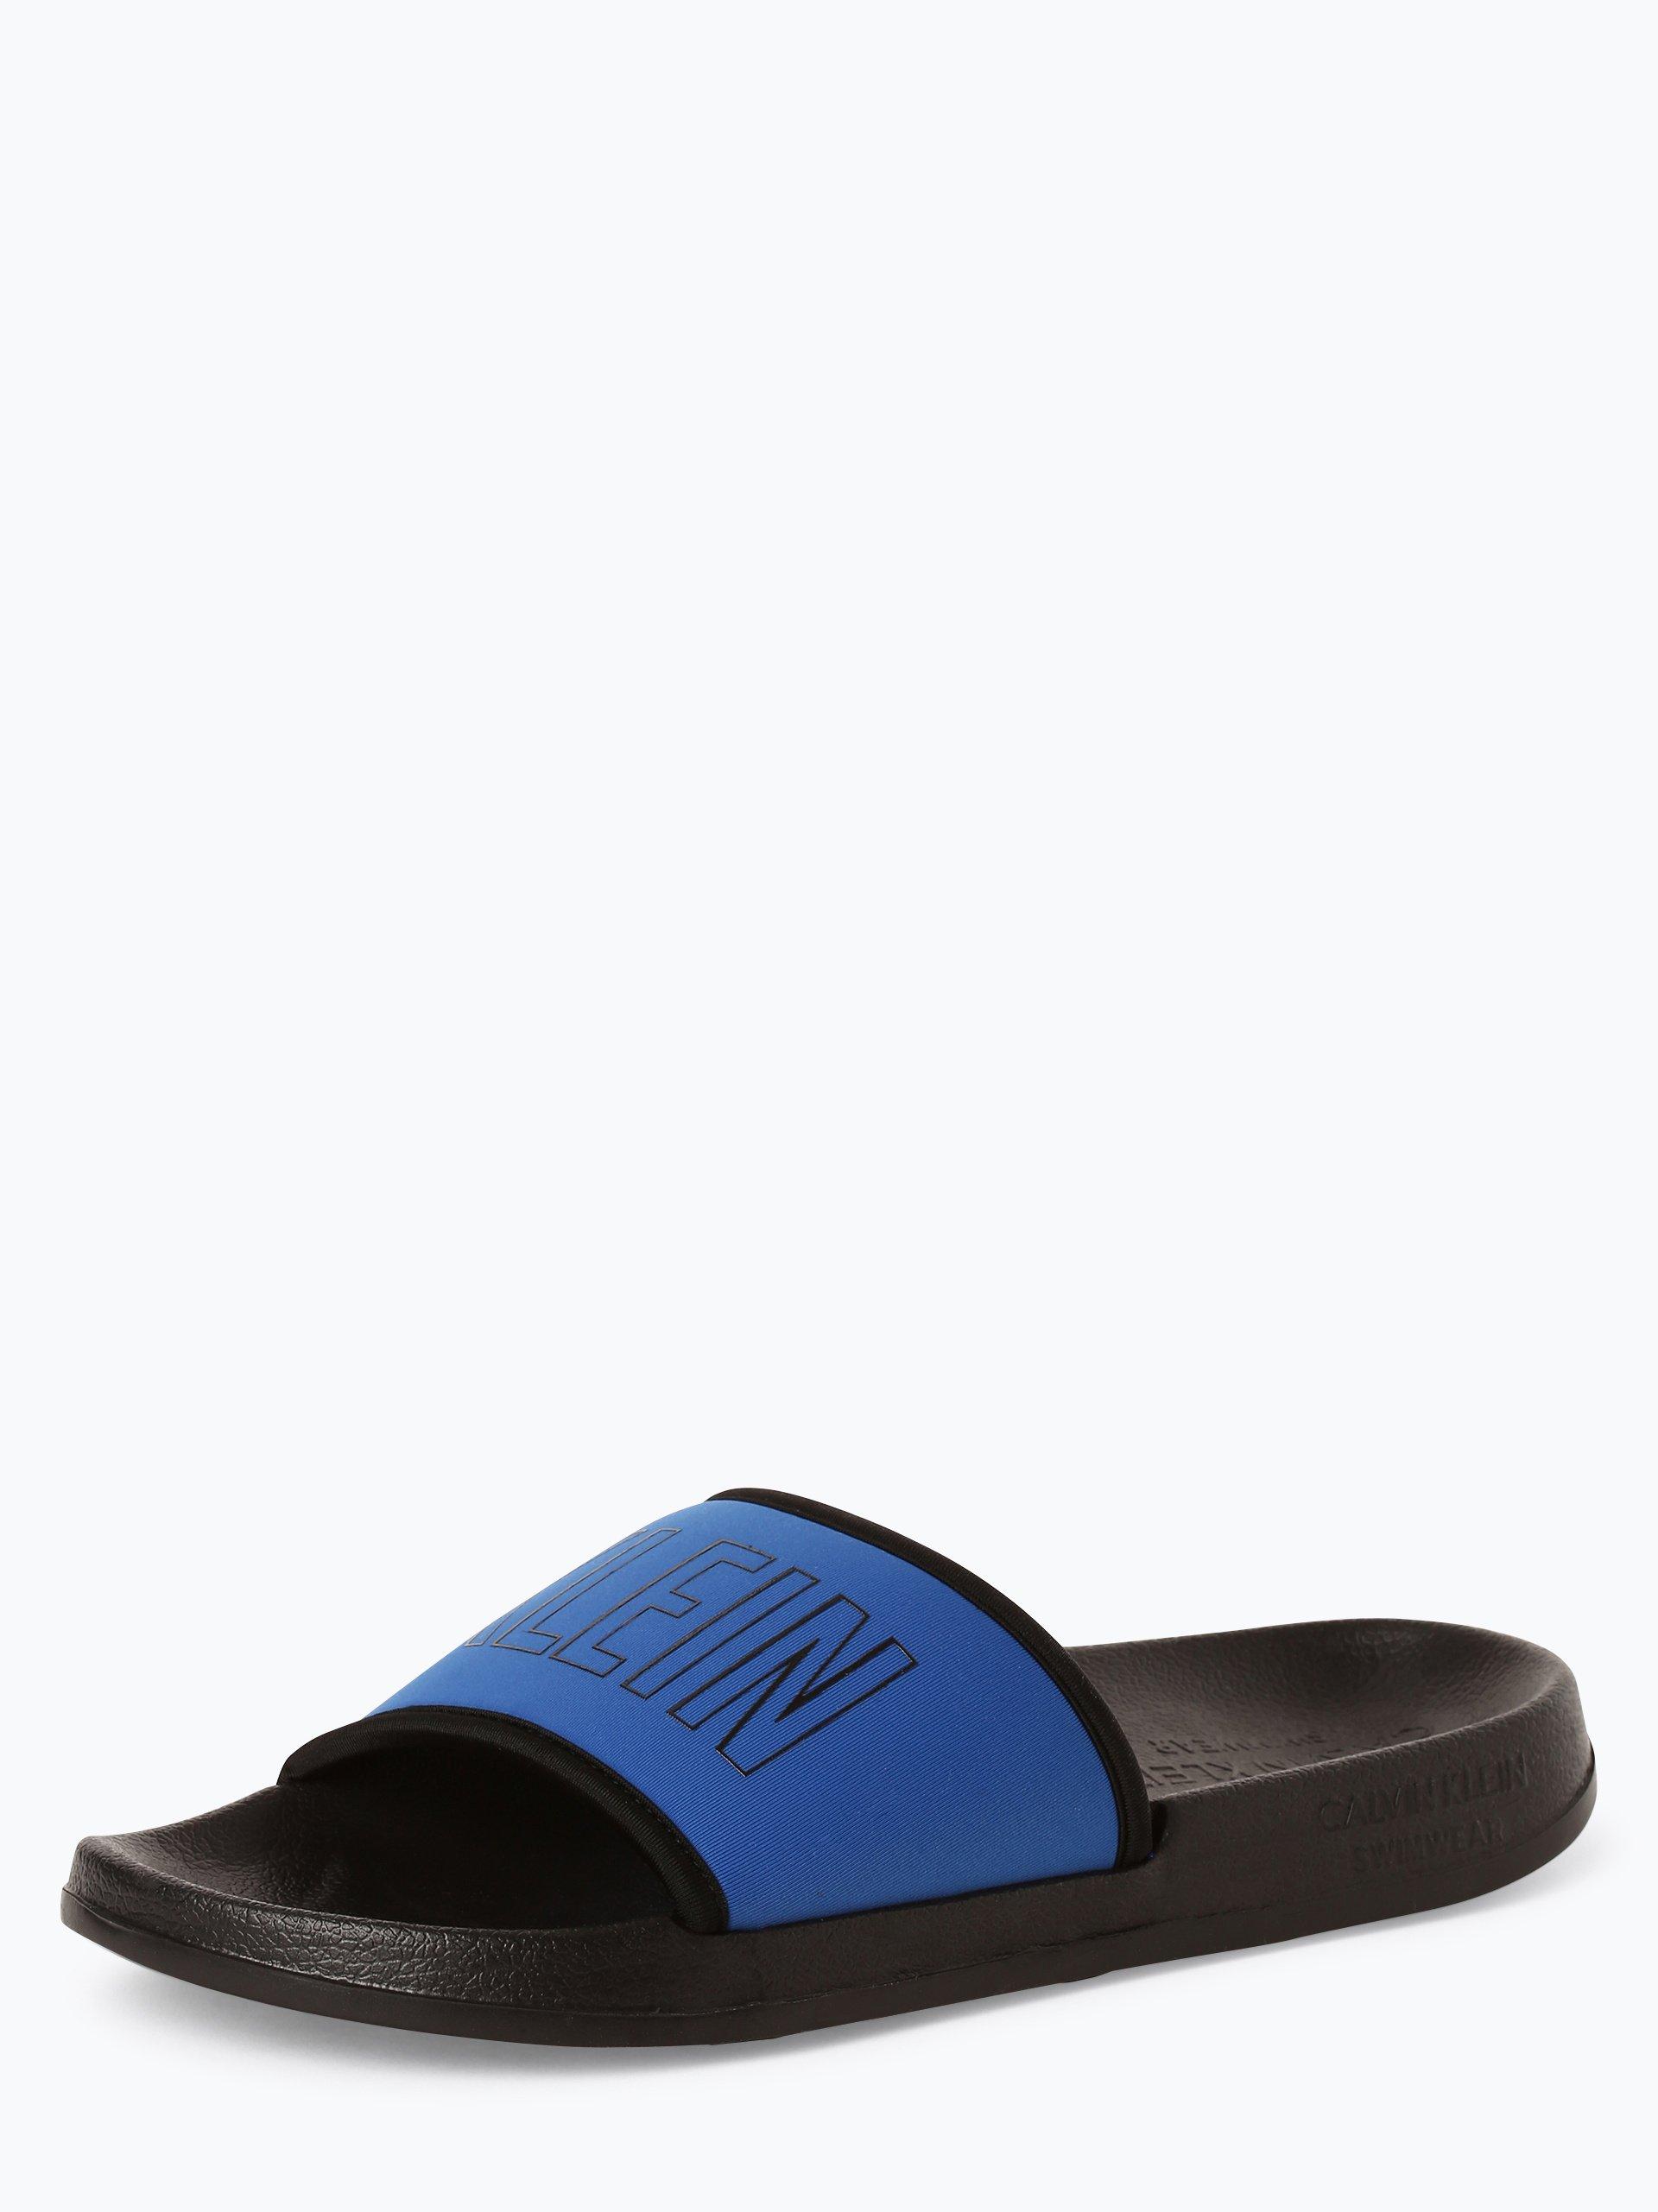 Calvin Klein Damskie pantofle kąpielowe